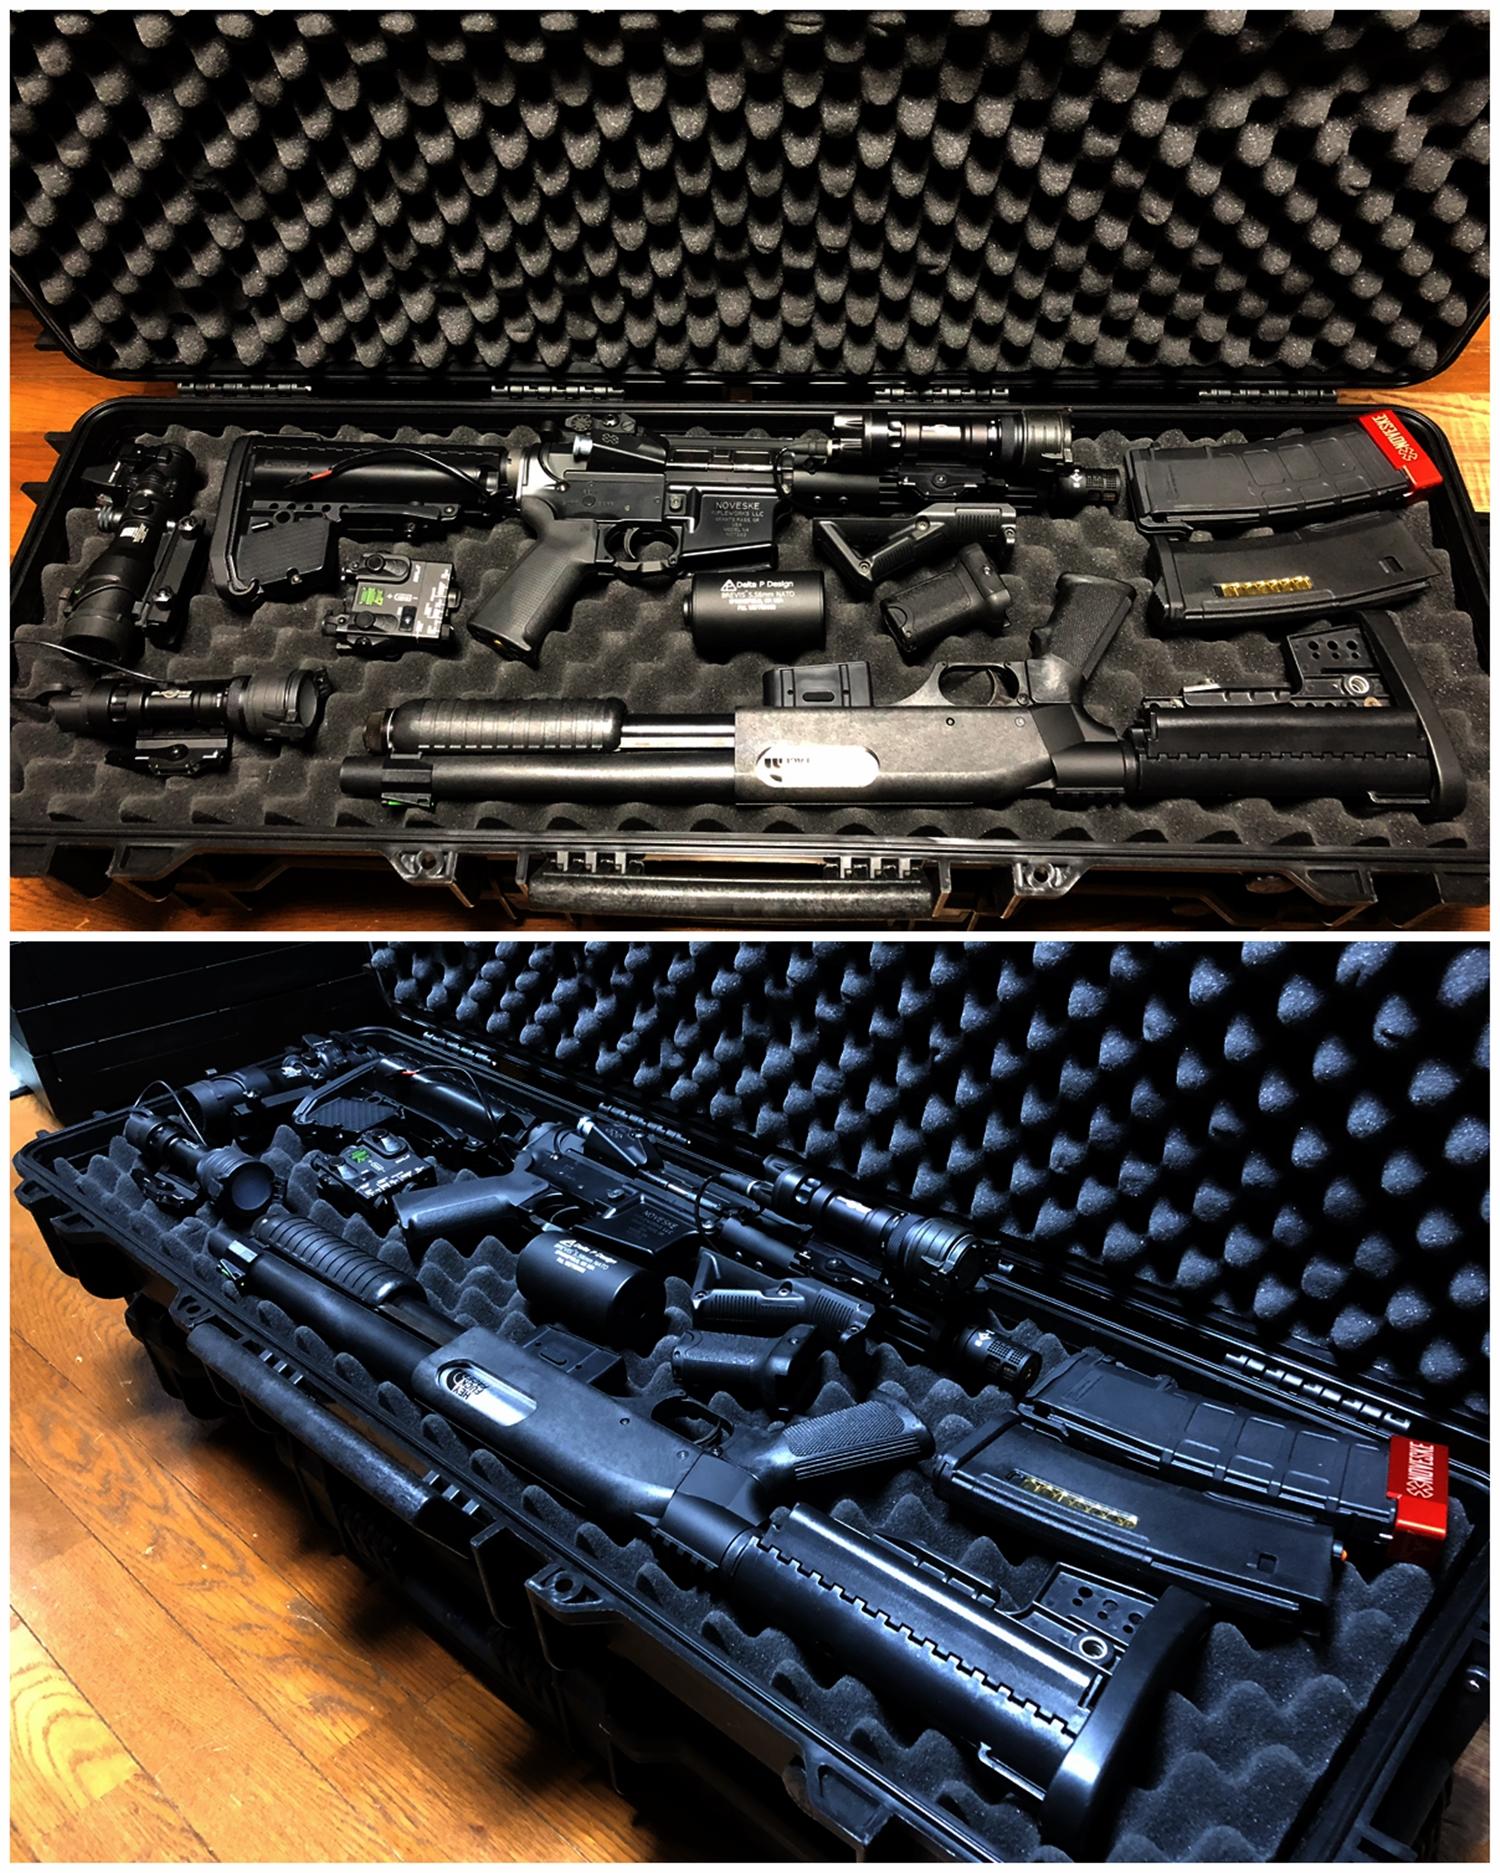 32 東京マルイ 次世代電動ガン HK416D DEVGRU デブグル アメリカ海軍特殊部隊 DEVGRU Seal Team6 新品 箱出し カスタム お勧めパーツ 取付 レビュー